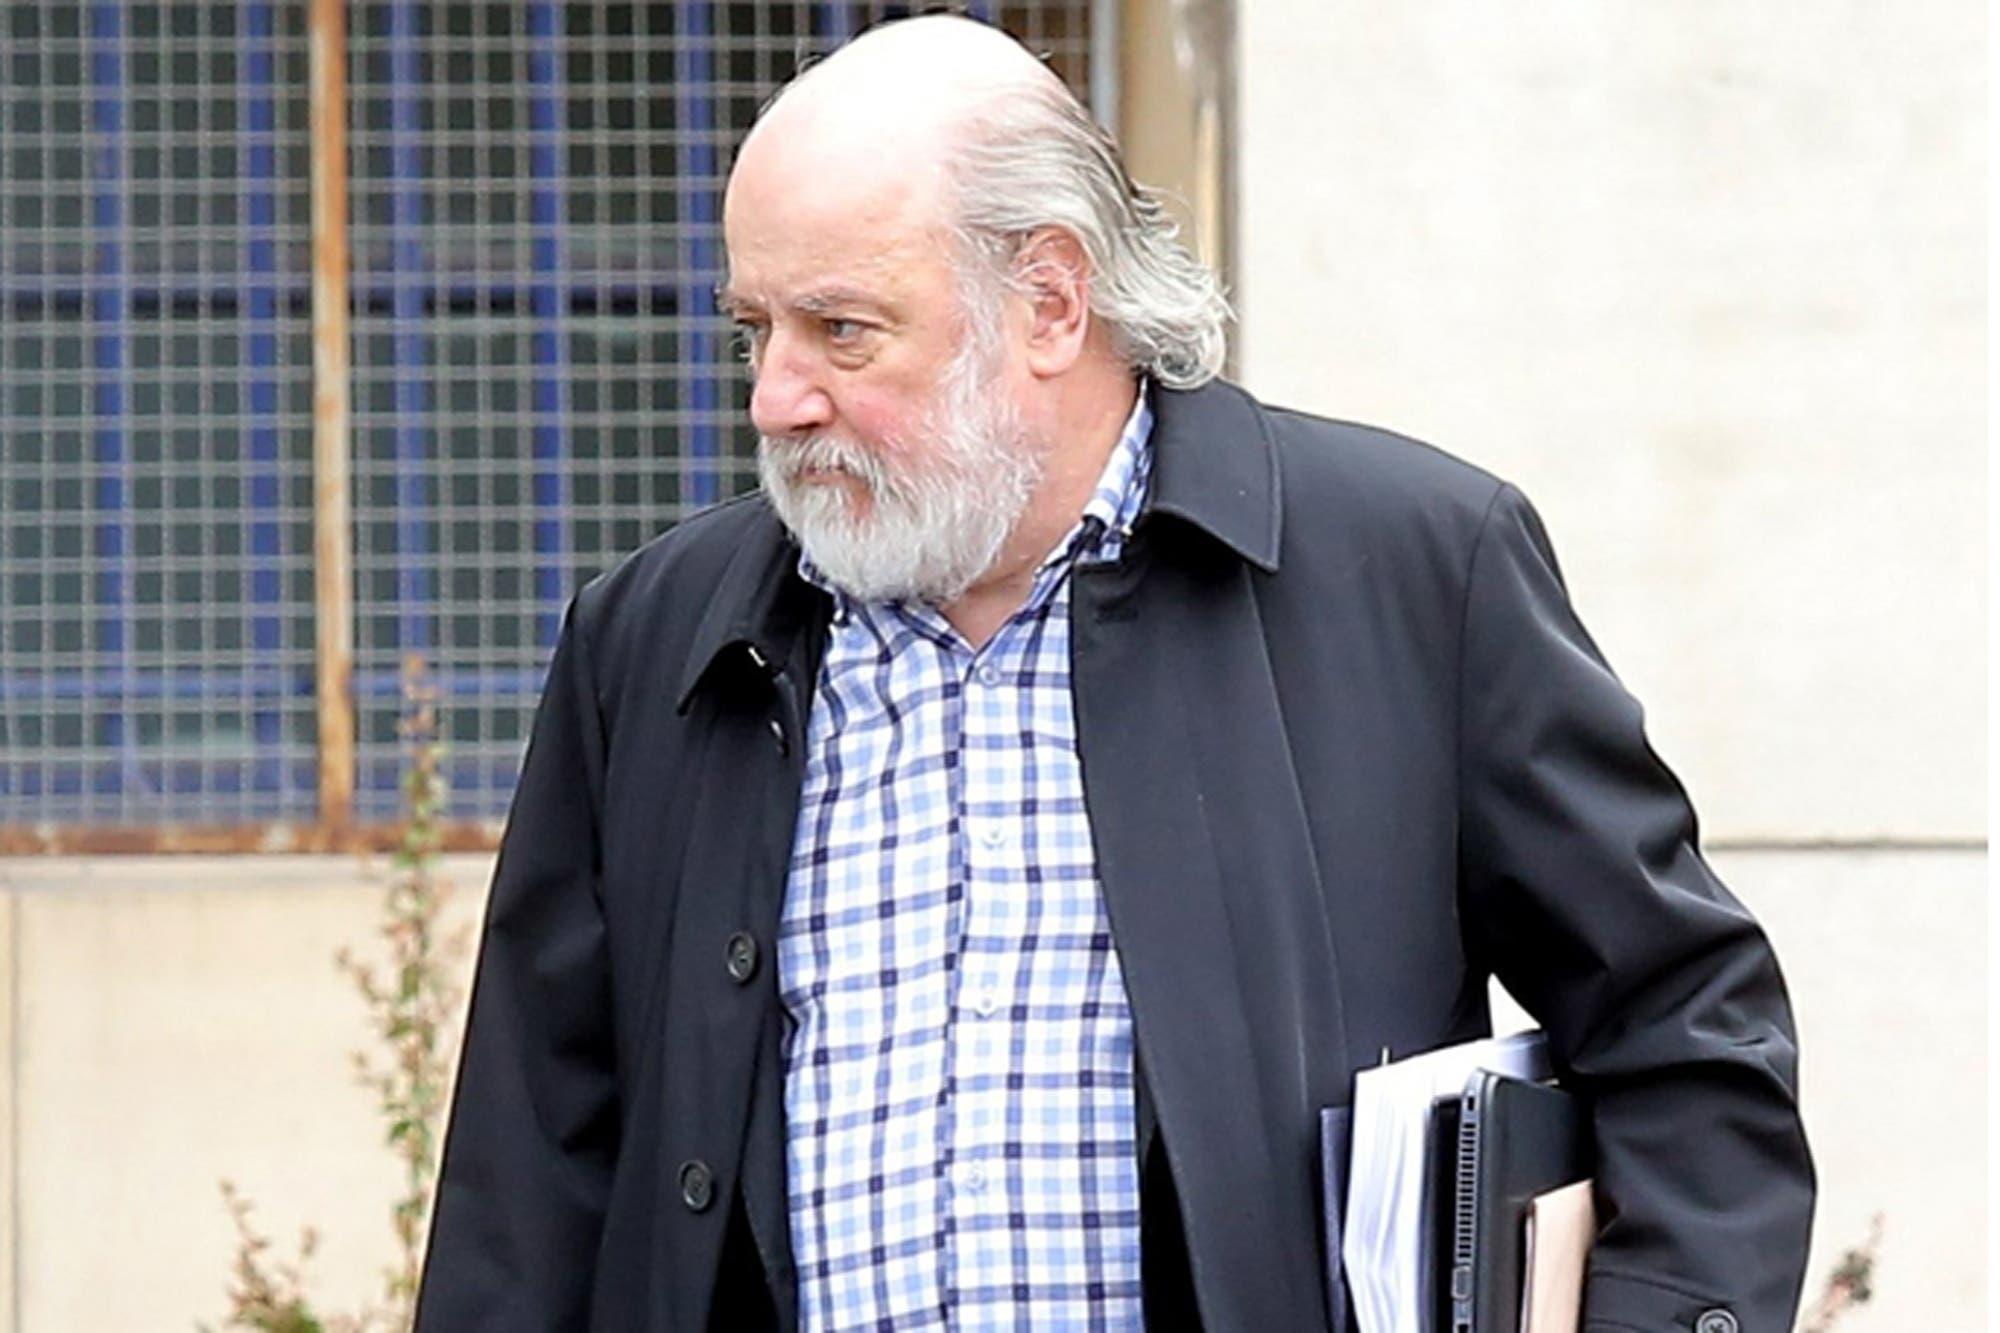 Causa Cuadernos: el juez Bonadio dio por corroborados los aportes de 31 arrepentidos